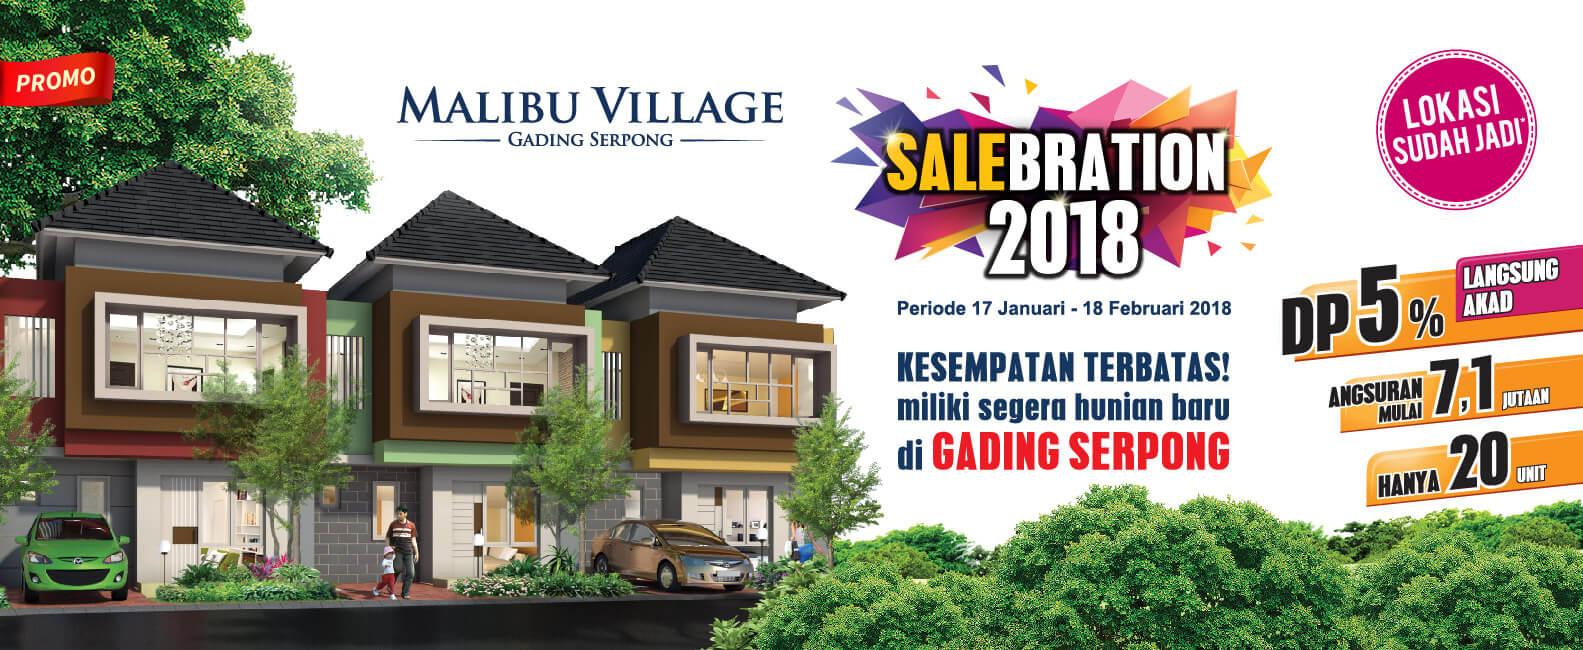 Promo 2018 Beli Rumah Cluster Malibu Gading Serpong